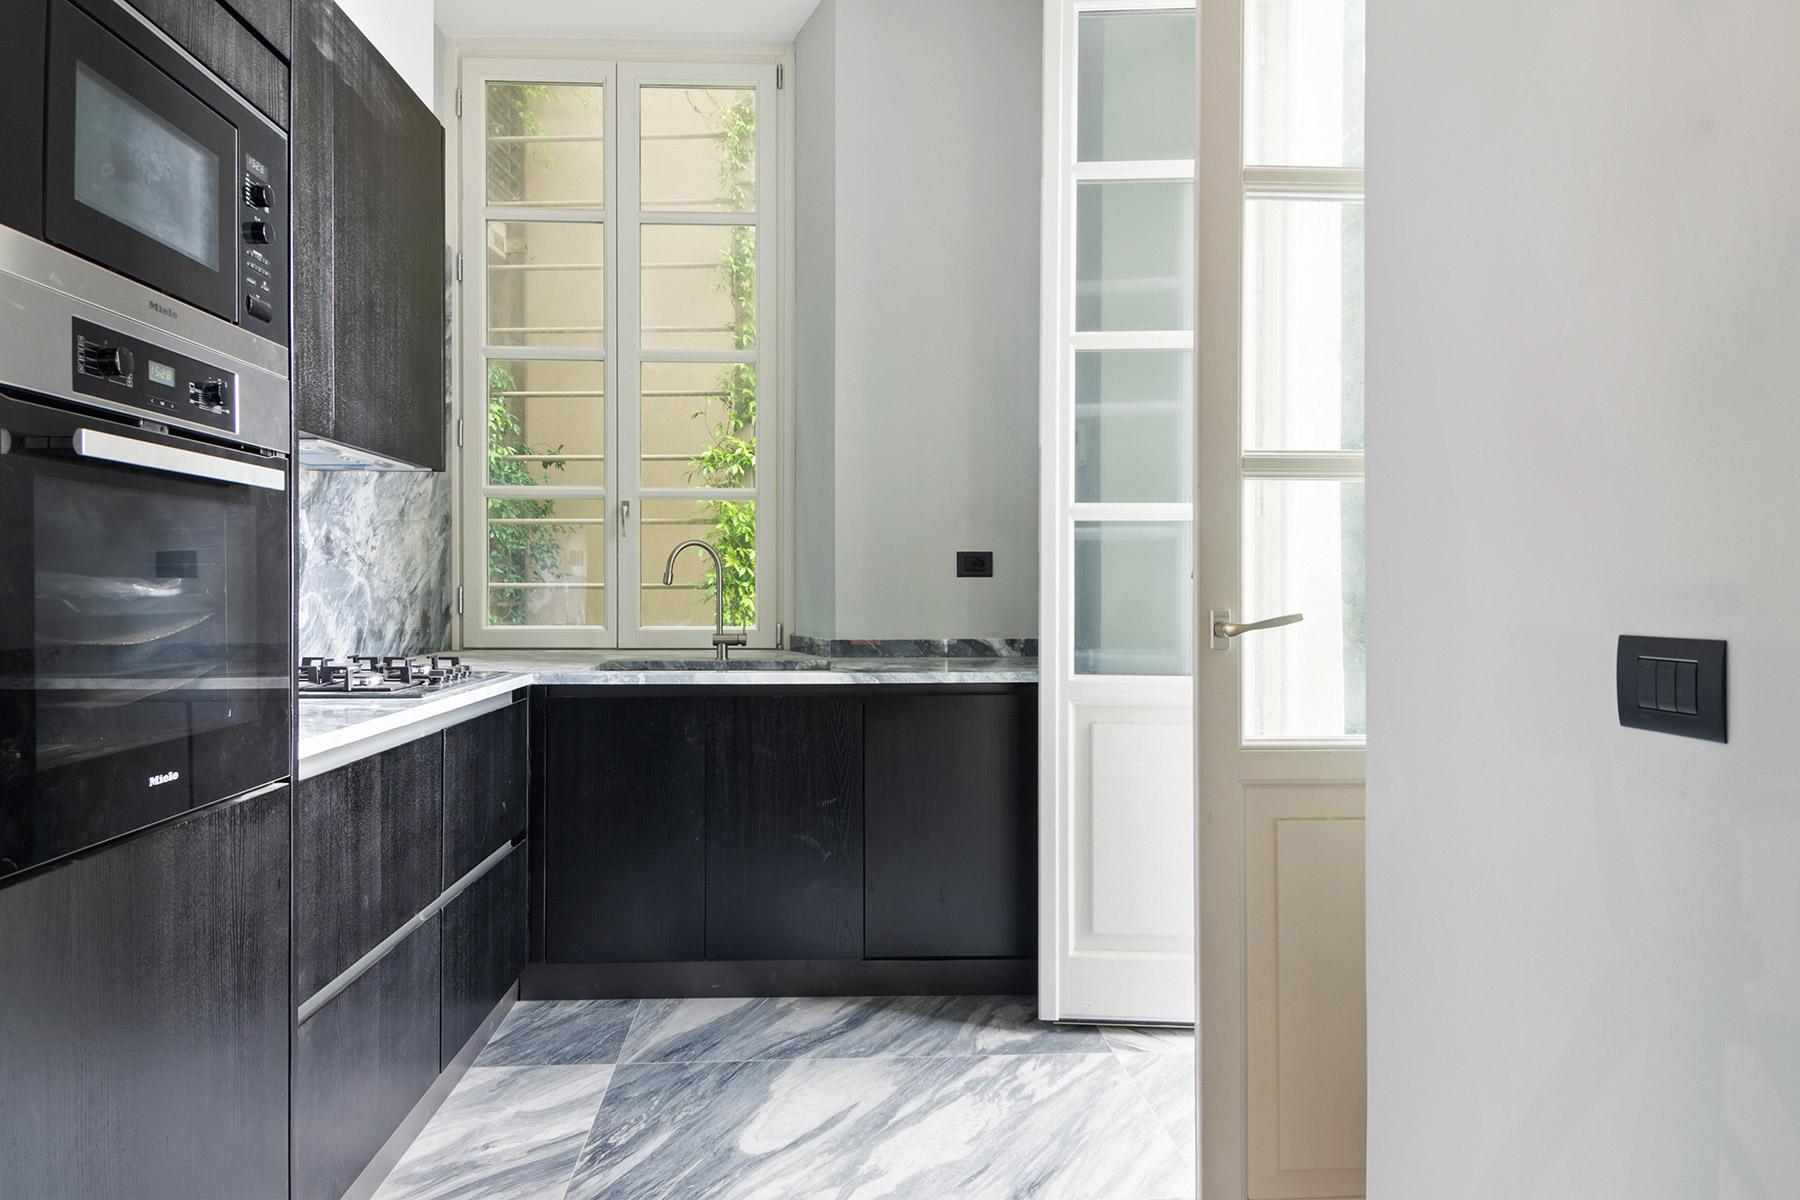 Appartamento in Vendita a Santa Margherita Ligure: 5 locali, 150 mq - Foto 5